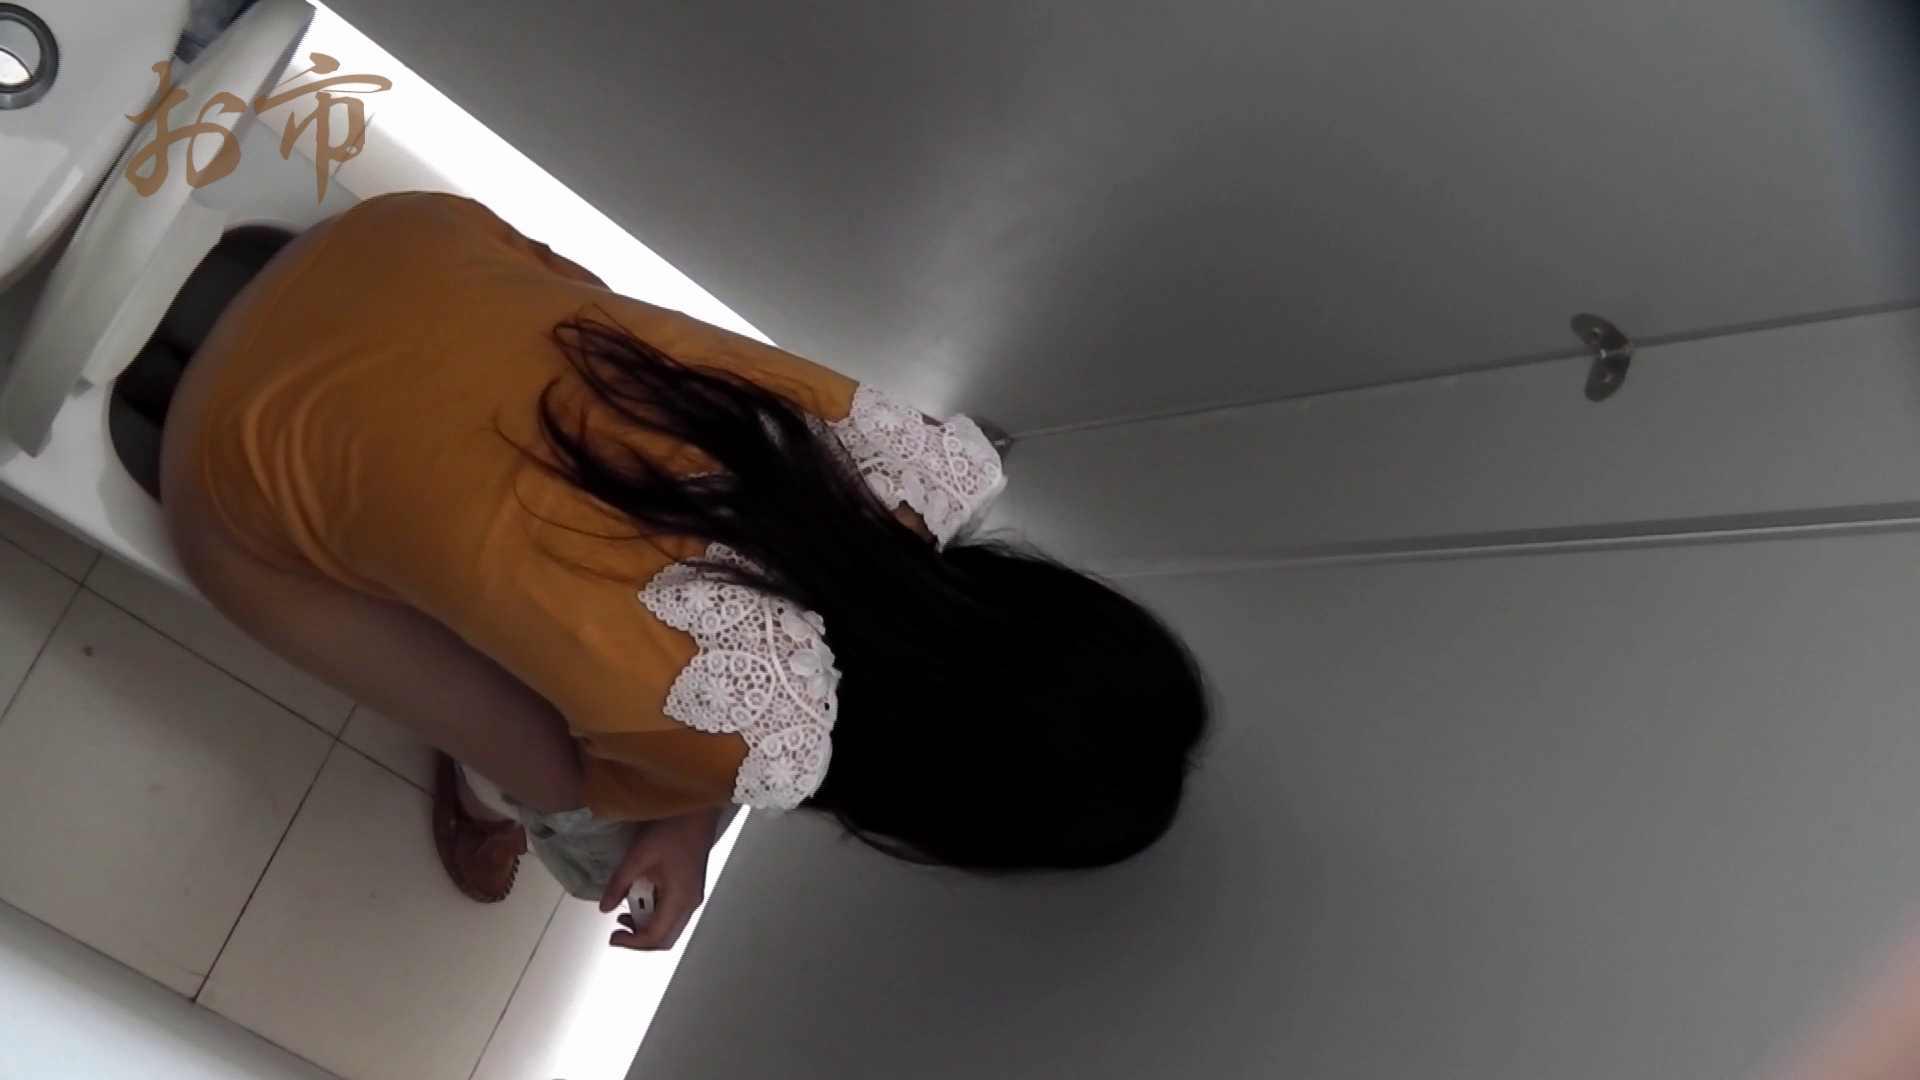 潜入!!台湾名門女学院 Vol.12 長身モデル驚き見たことないシチュエーション 細身 | 潜入  45画像 12